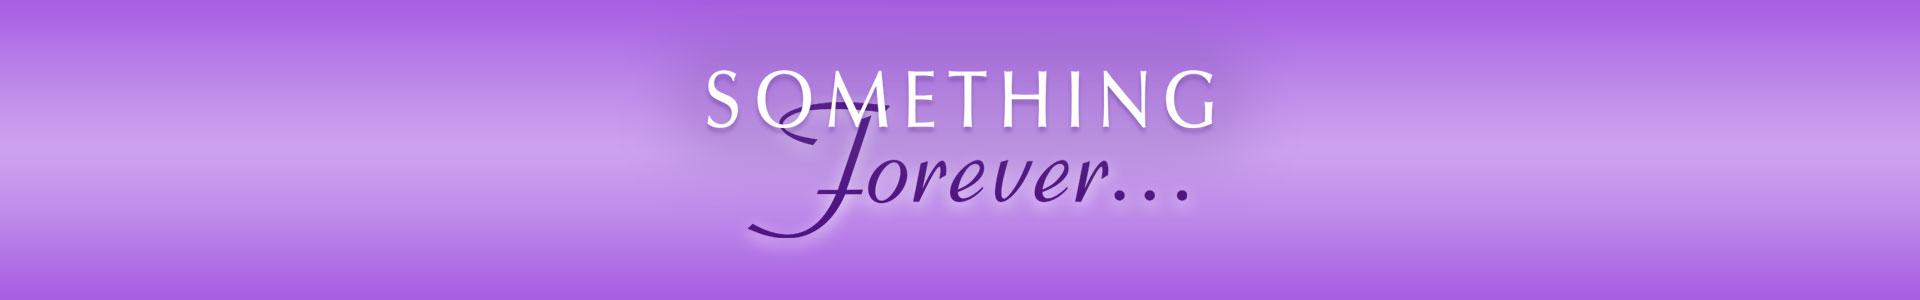 Something Forever